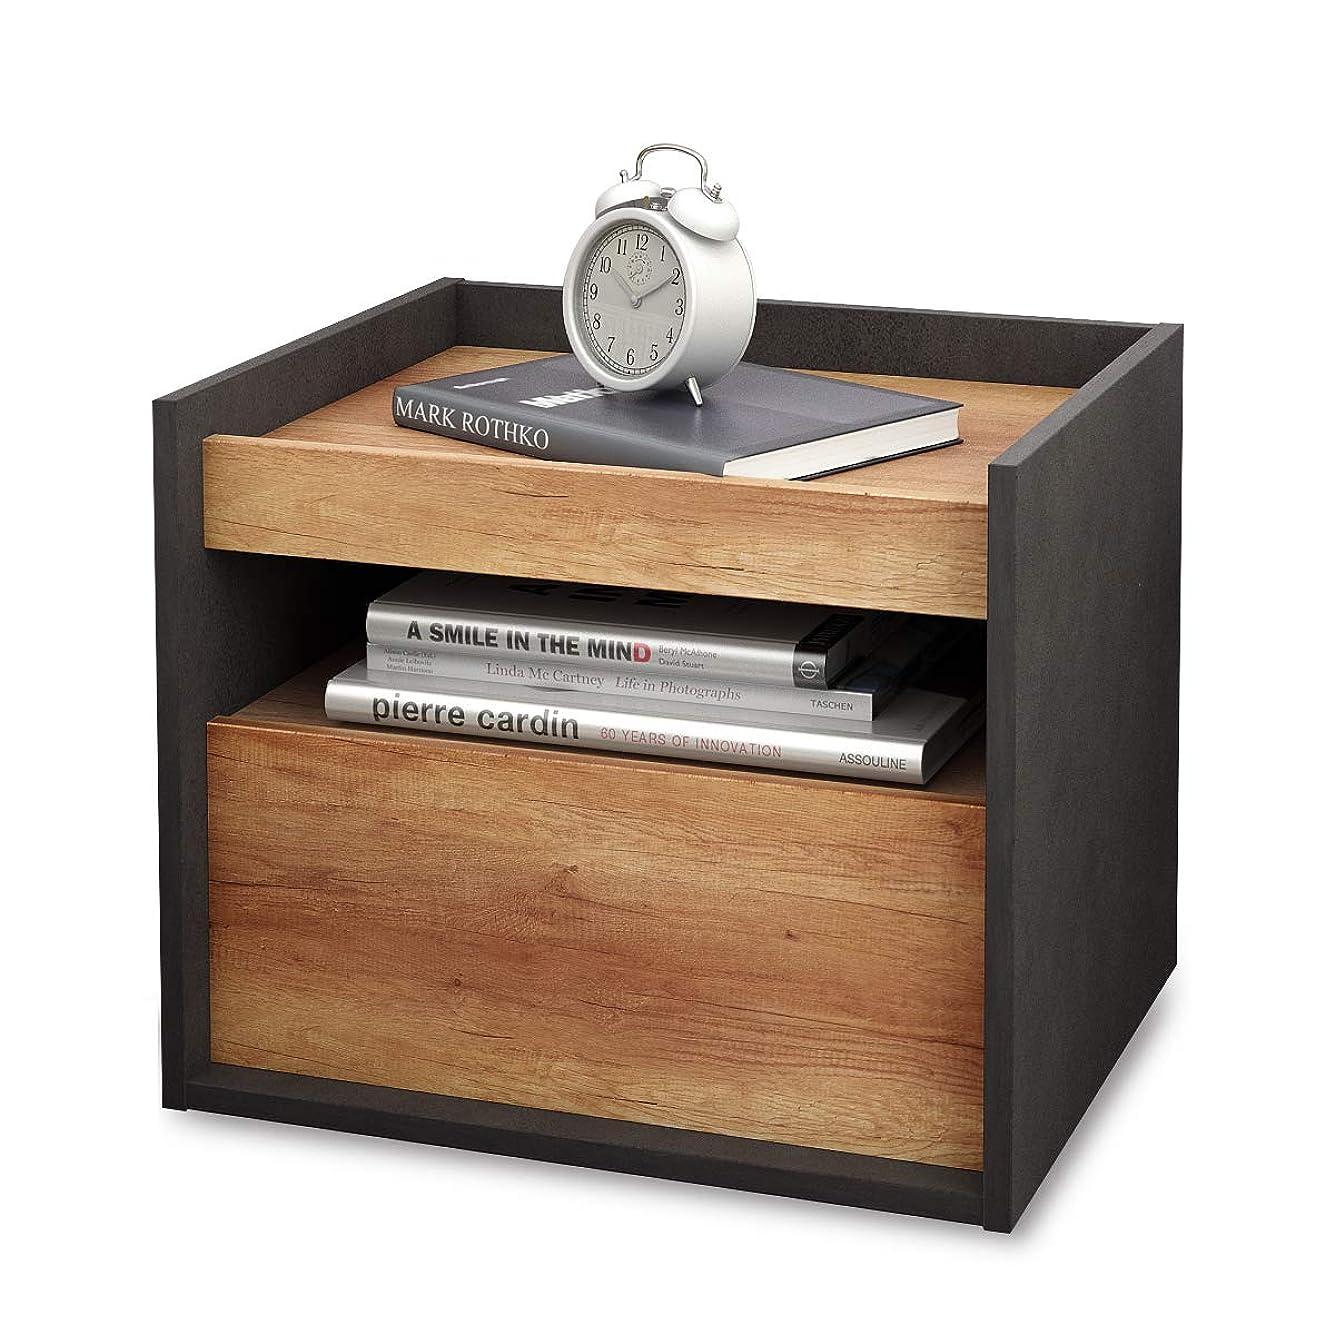 理由ポスト印象派傘DEVAISE ナイトテーブル ベッドサイドテーブル サイドテーブル 引き出し付き 小物?本などの収納に便利 木製 簡単組立 木目と石柄 おしゃれ 北欧風 WF0008A